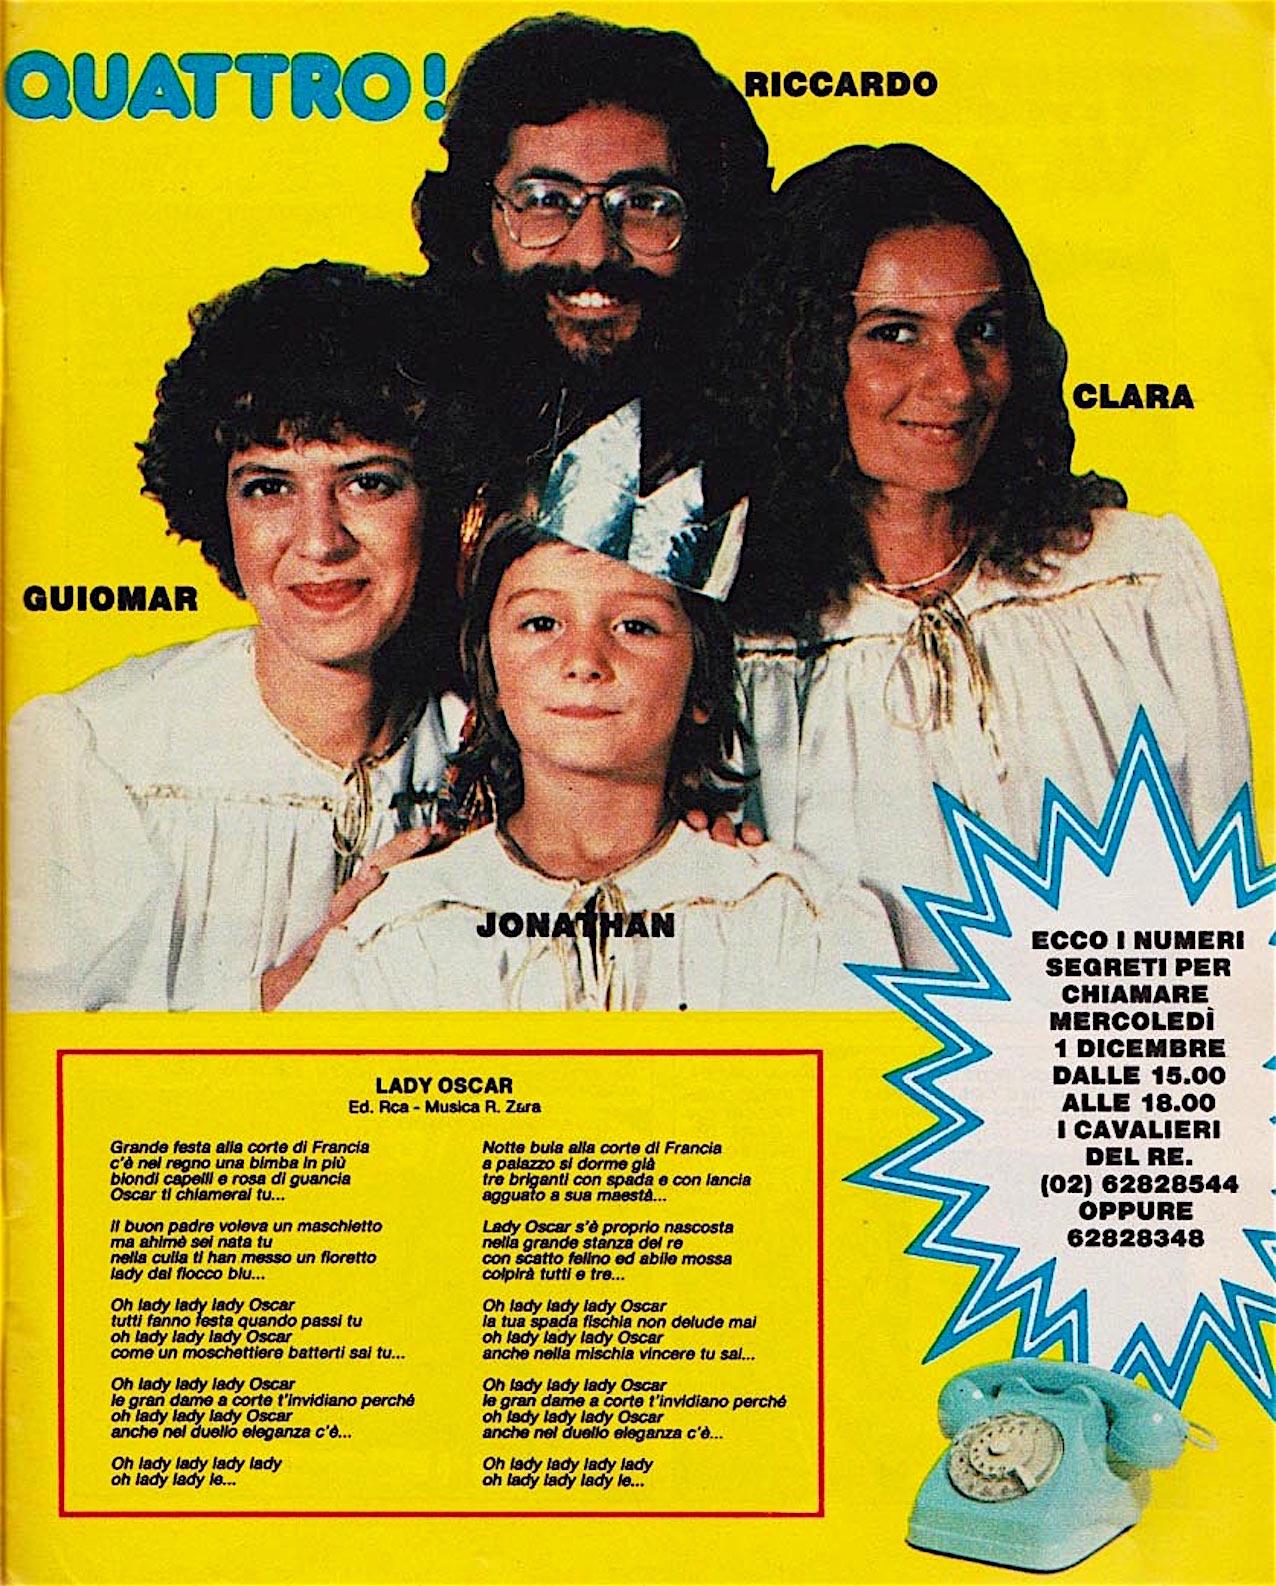 corriere-dei-piccoli-49-anno-1982-I-CAVALIERI-DEL-RE-lady-oscar